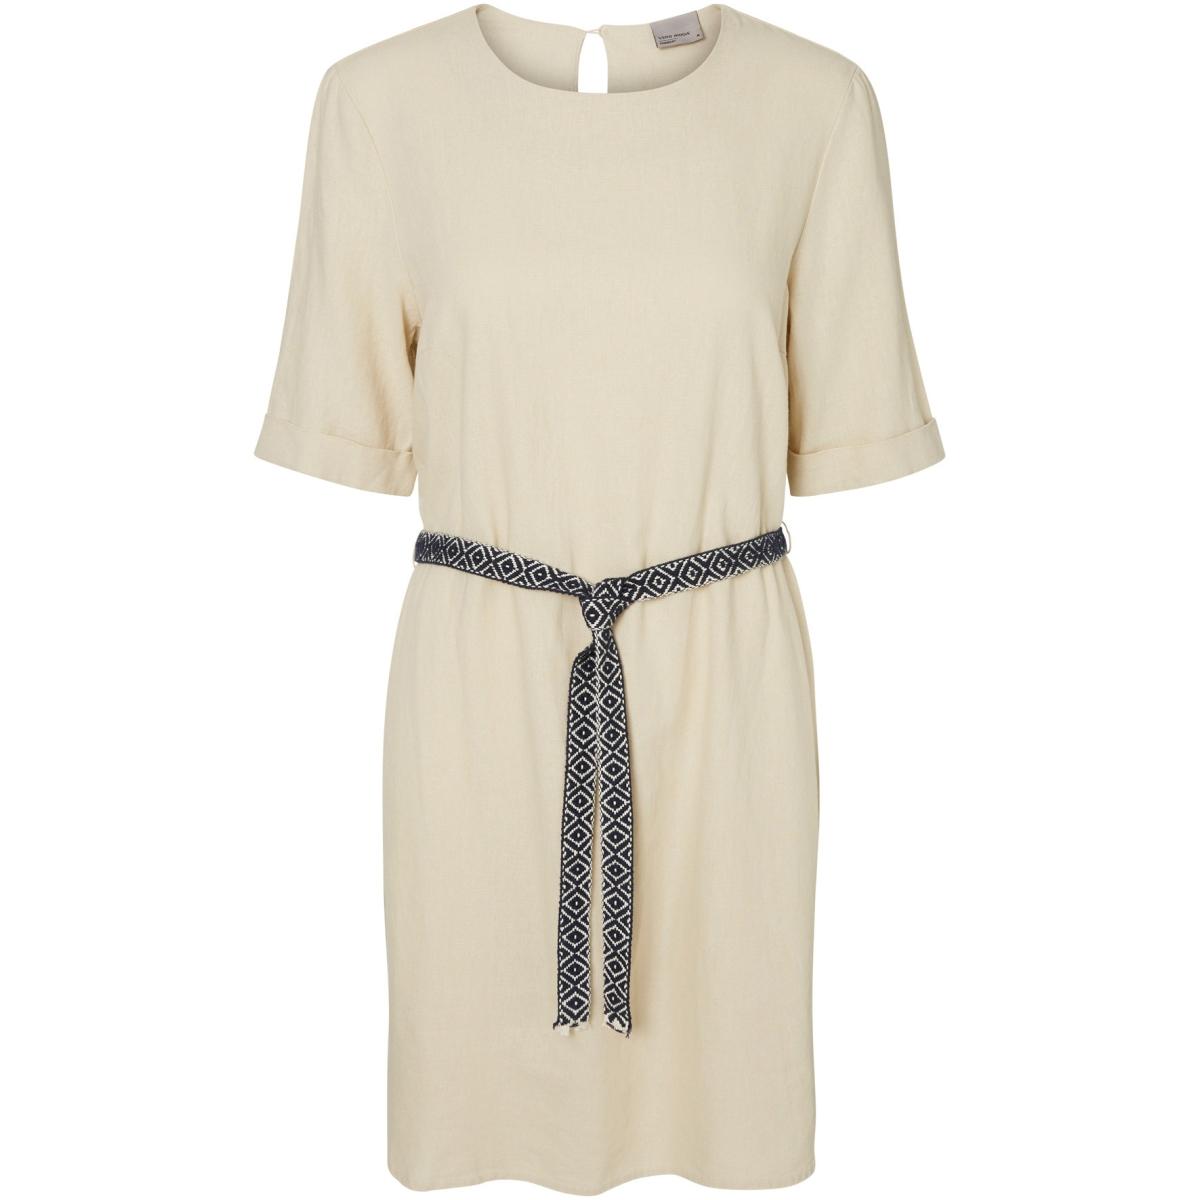 vmmilo suki 2/4 dress a 10171432 vero moda jurk oatmeal